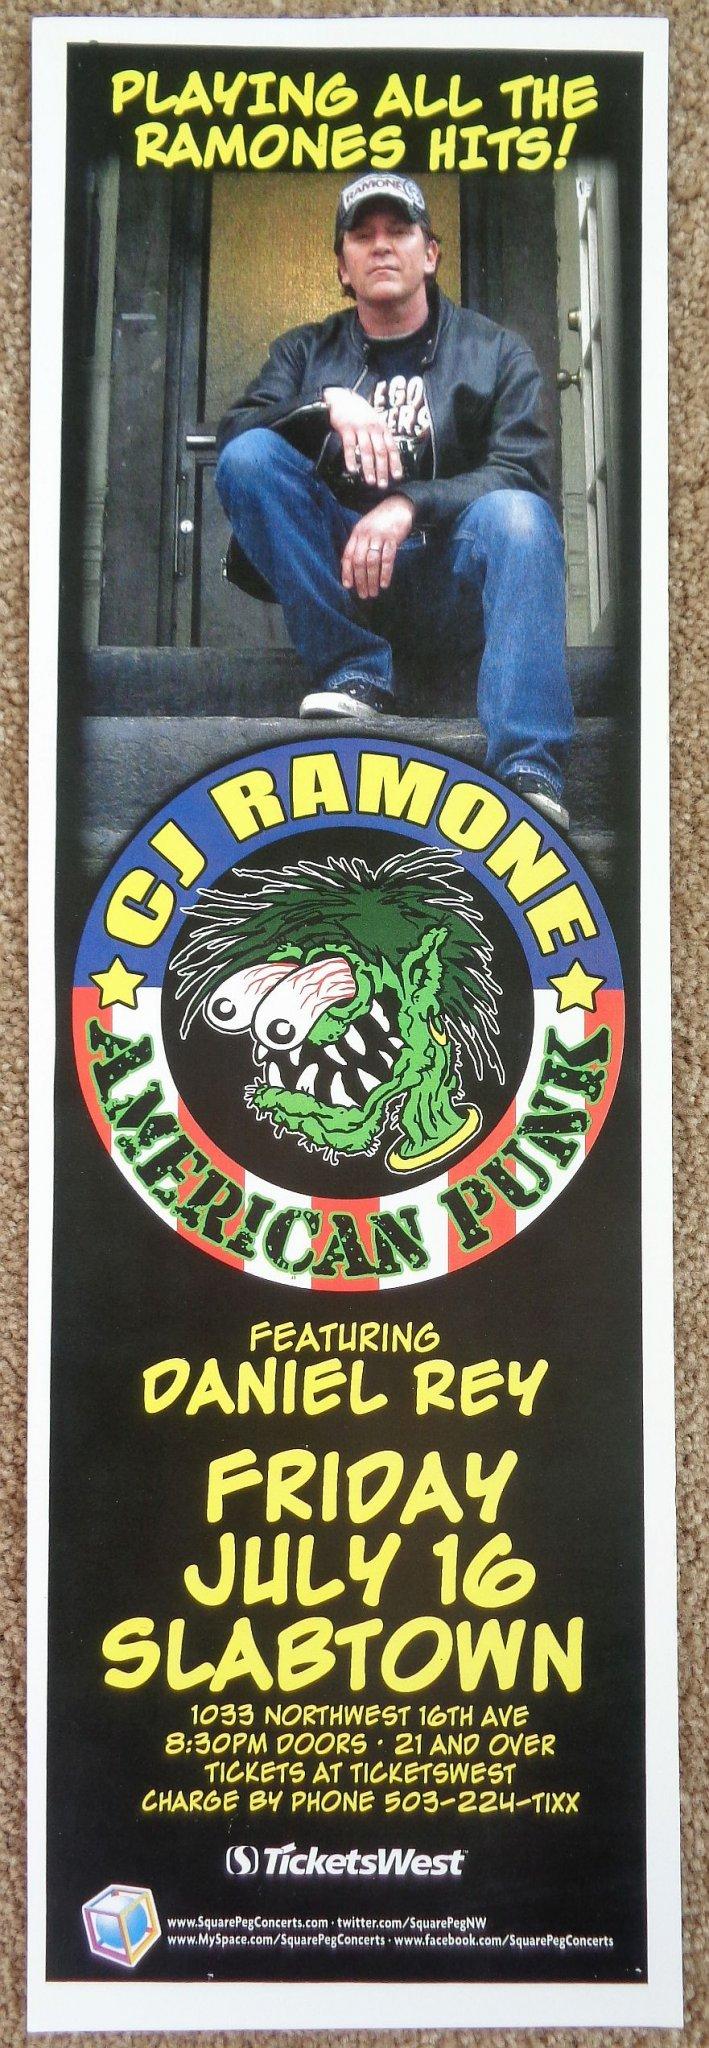 Ramone CJ RAMONE of THE RAMONES 2010 Gig POSTER 5 x 17 Portland Oregon Concert